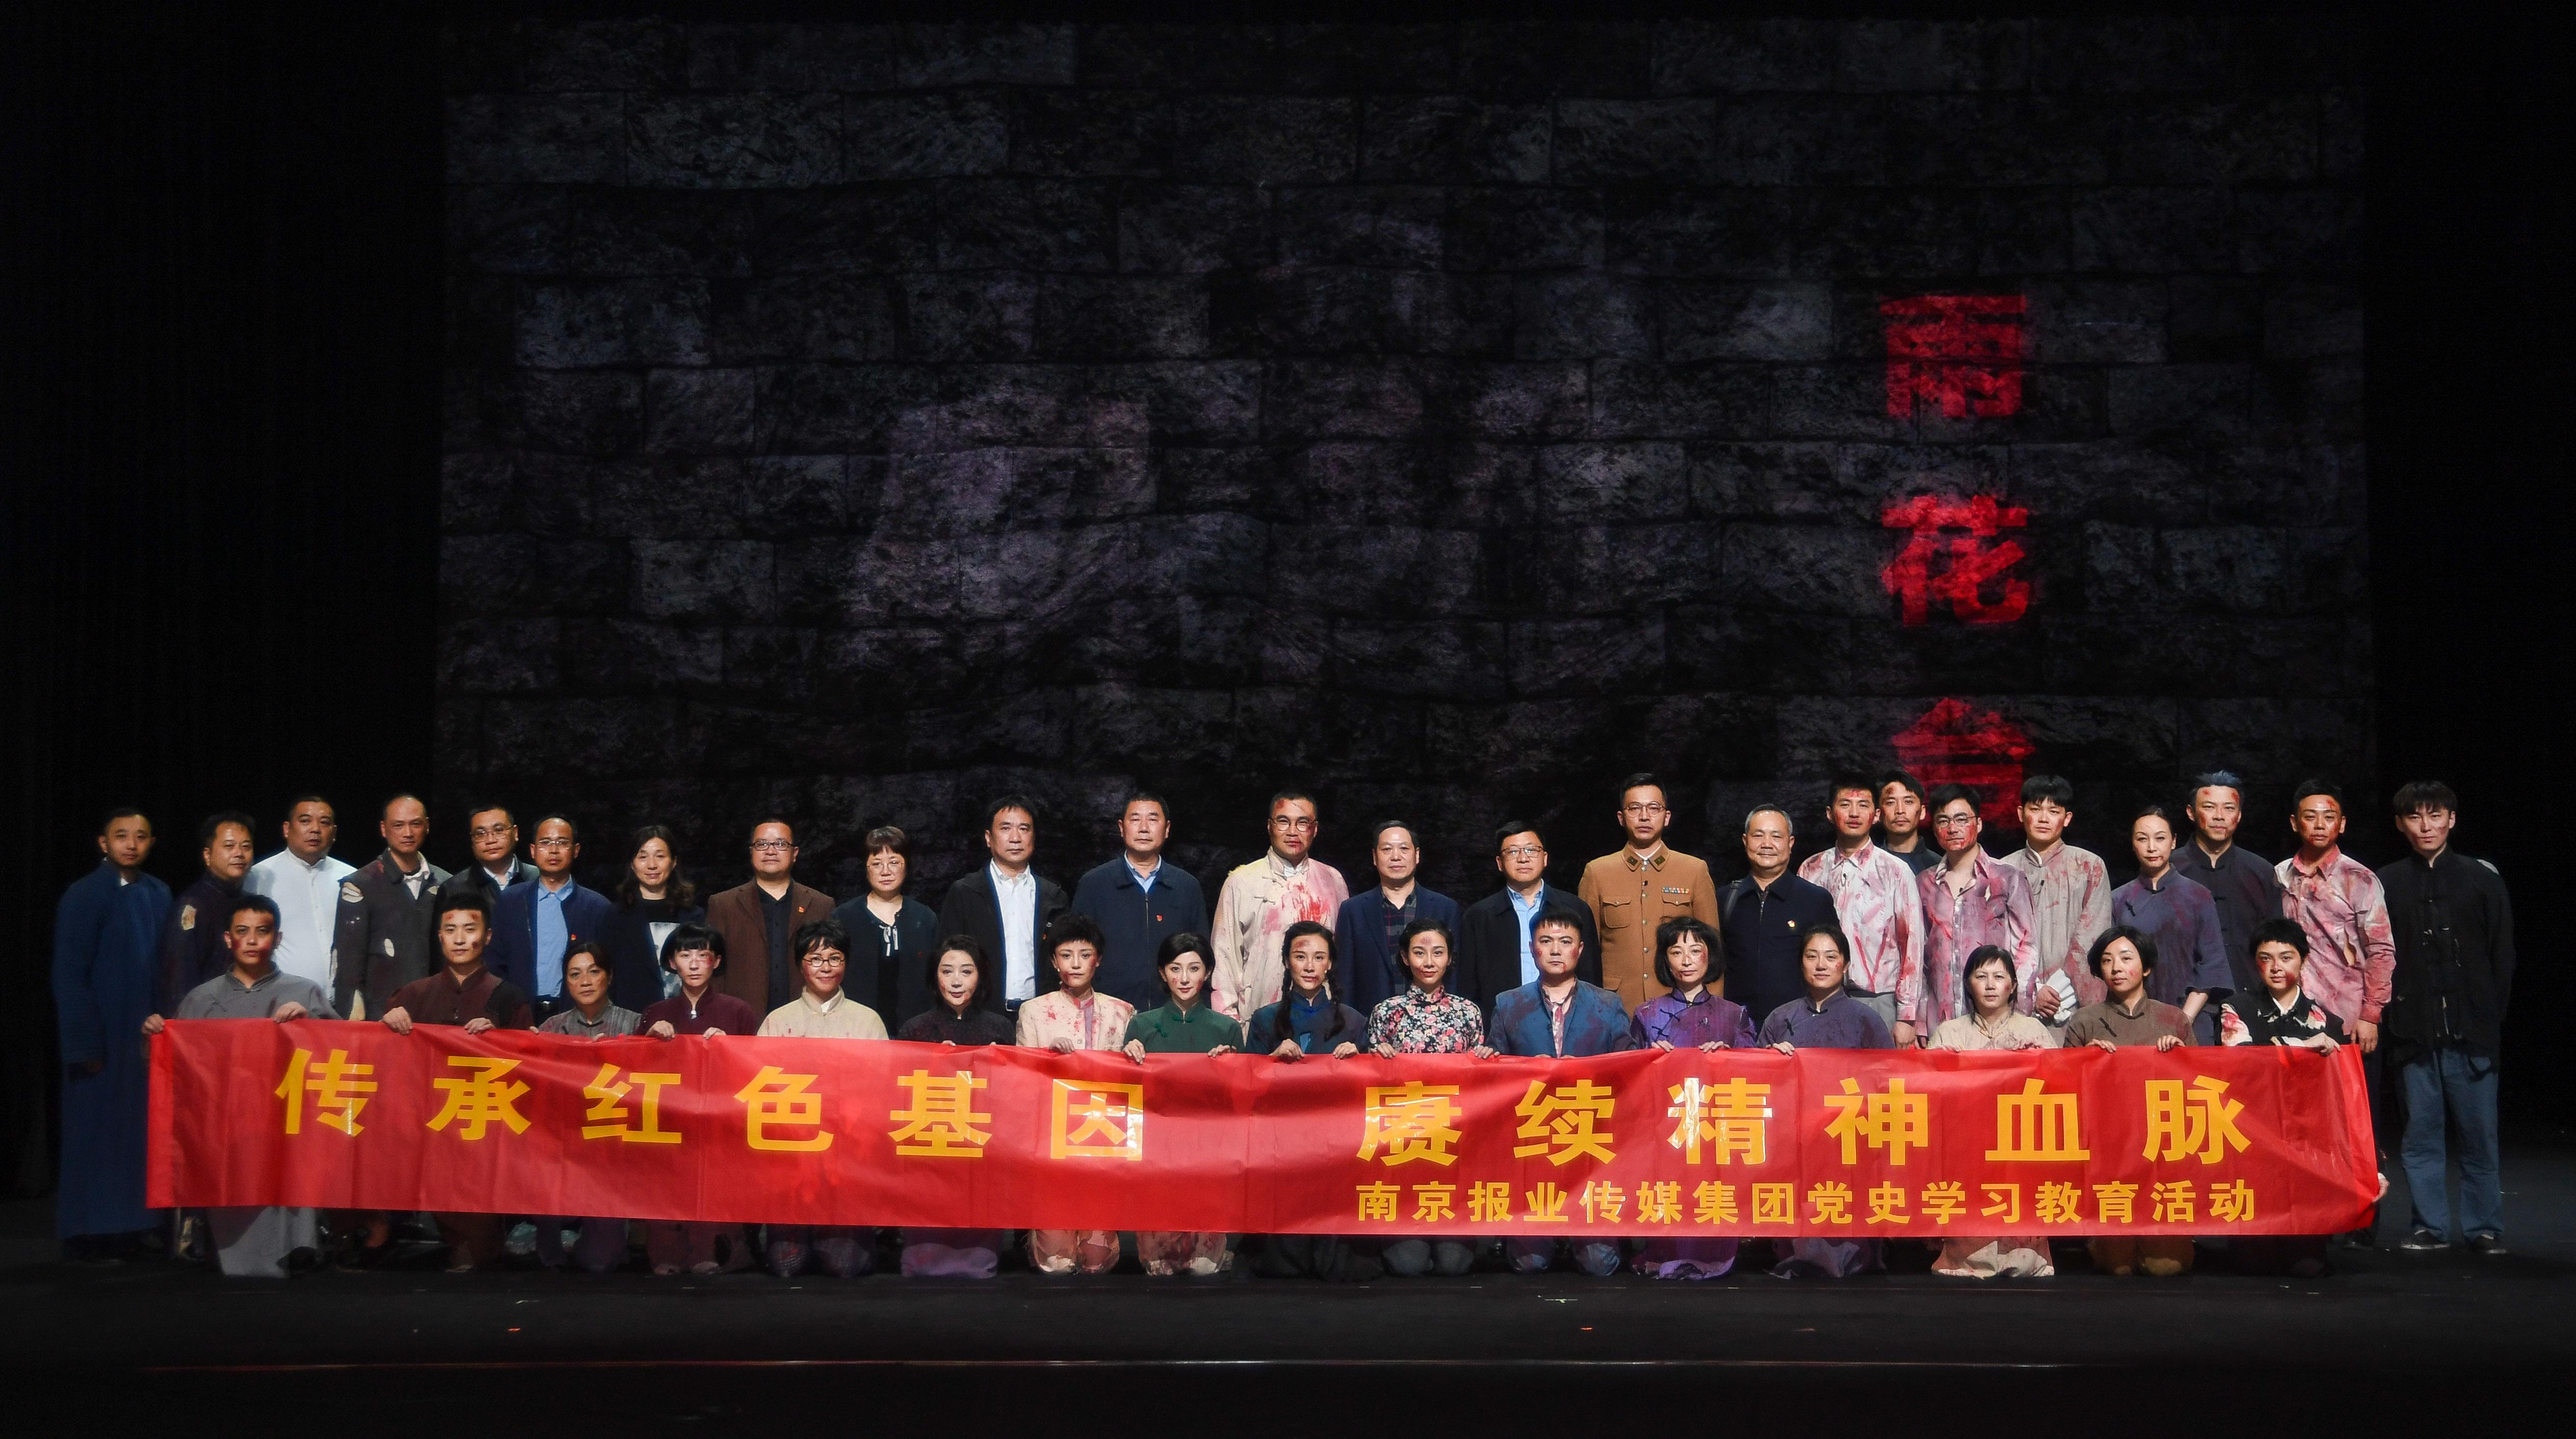 演出结束后,集团领导与演员们合影。孙中元  摄